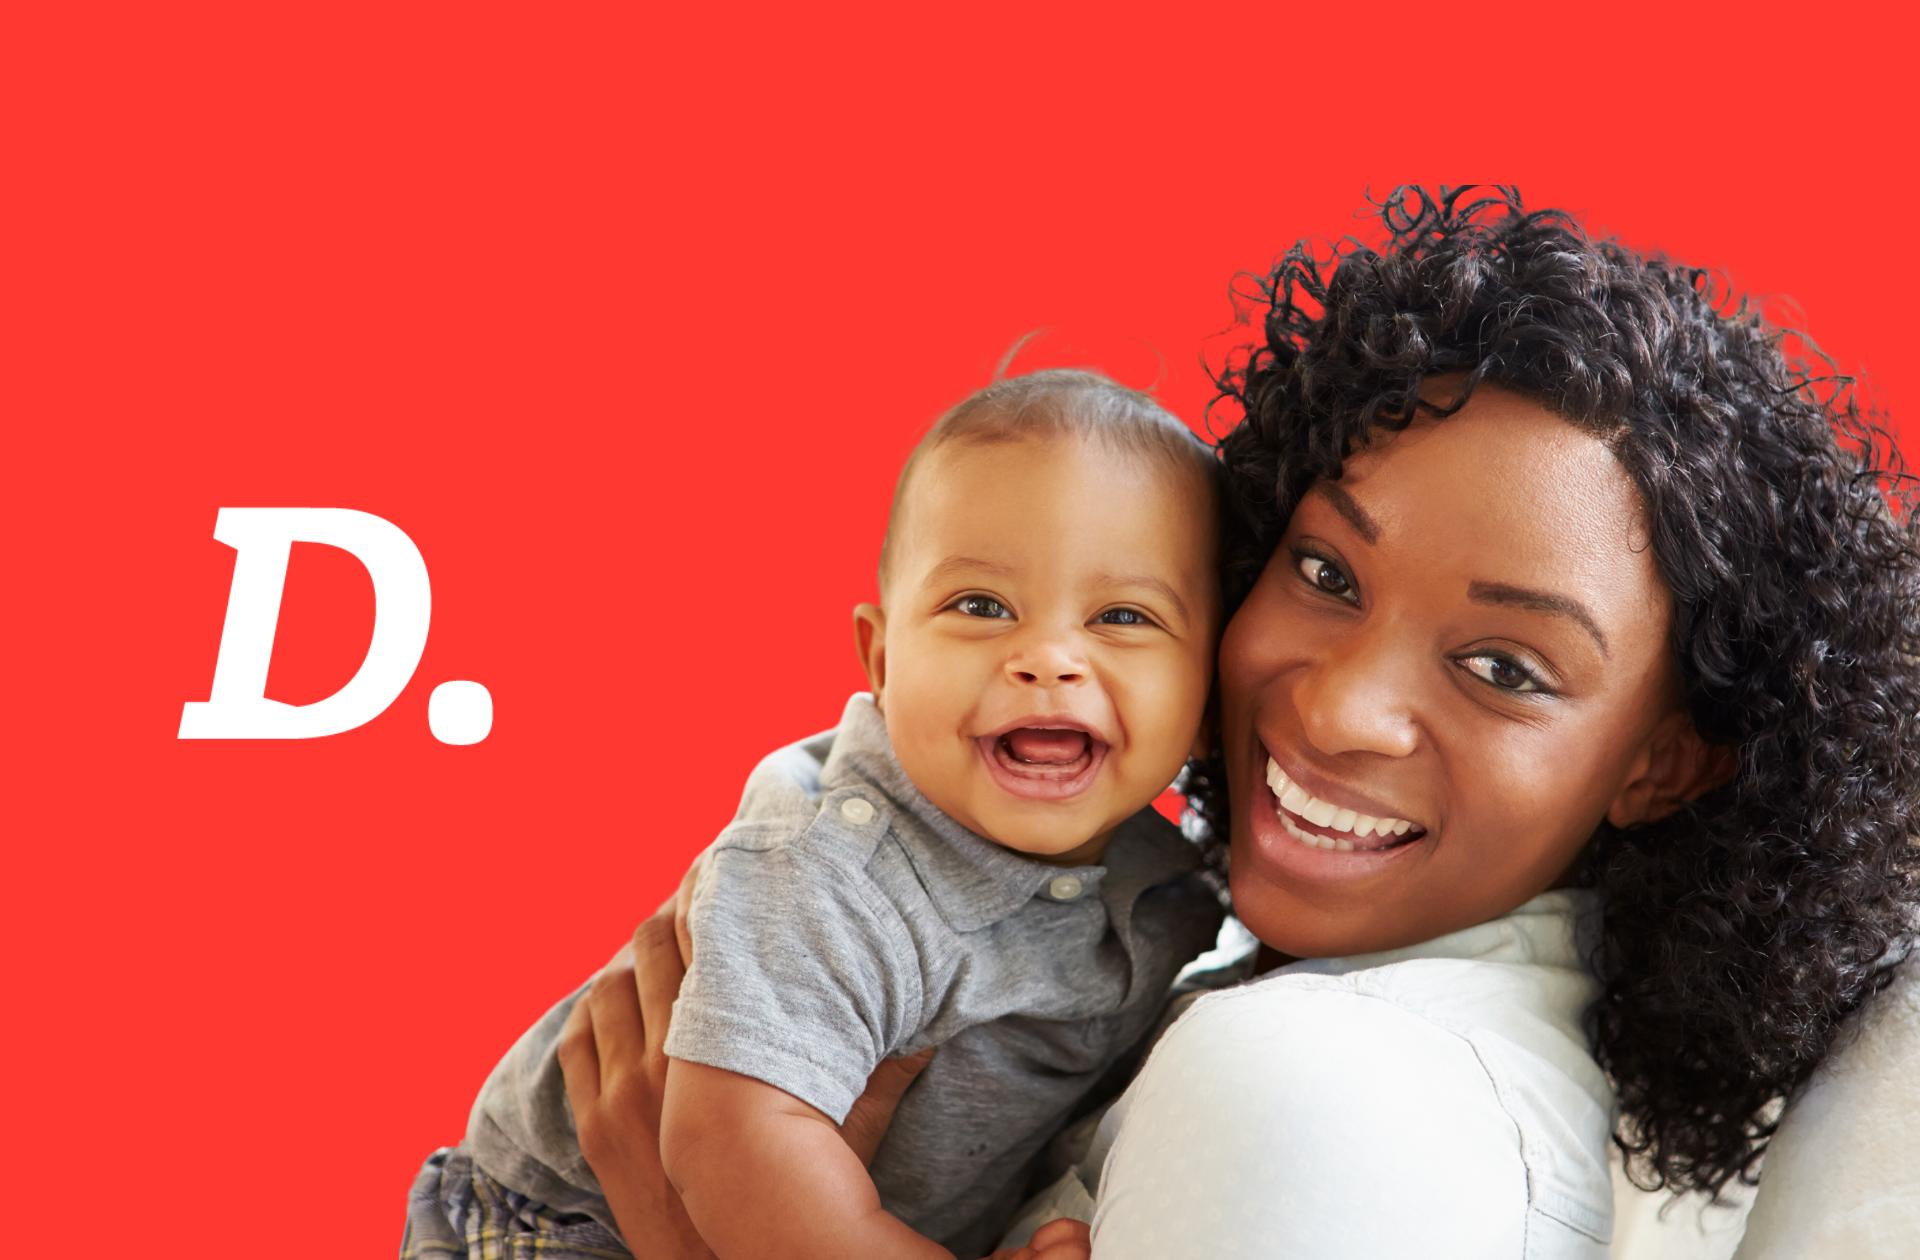 Le débat féministe du moment : faut-il allonger le congé maternité ?